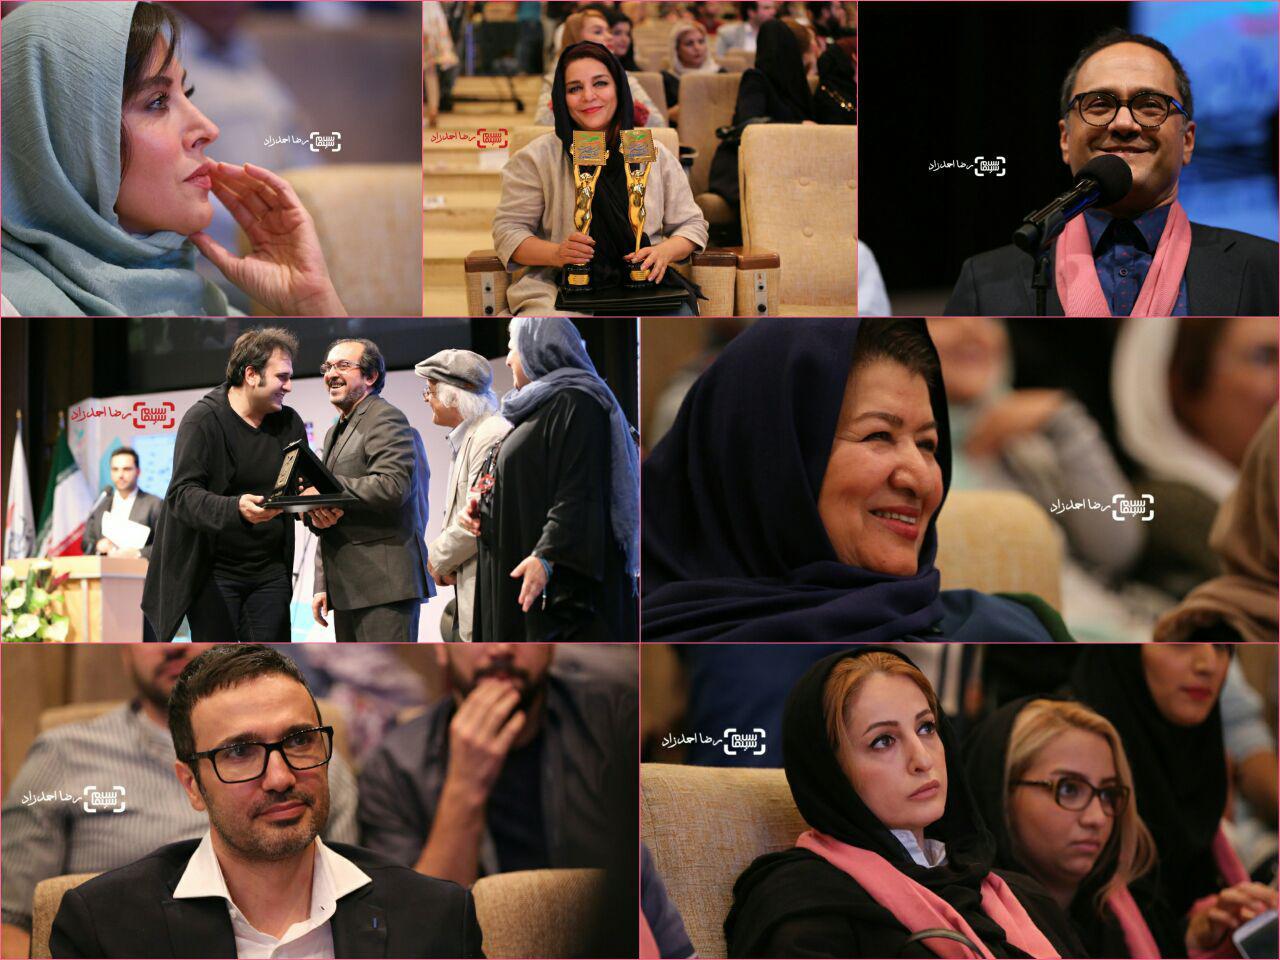 گزارش تصویری اختتامیه نخستین جشنواره فیلم سلامت